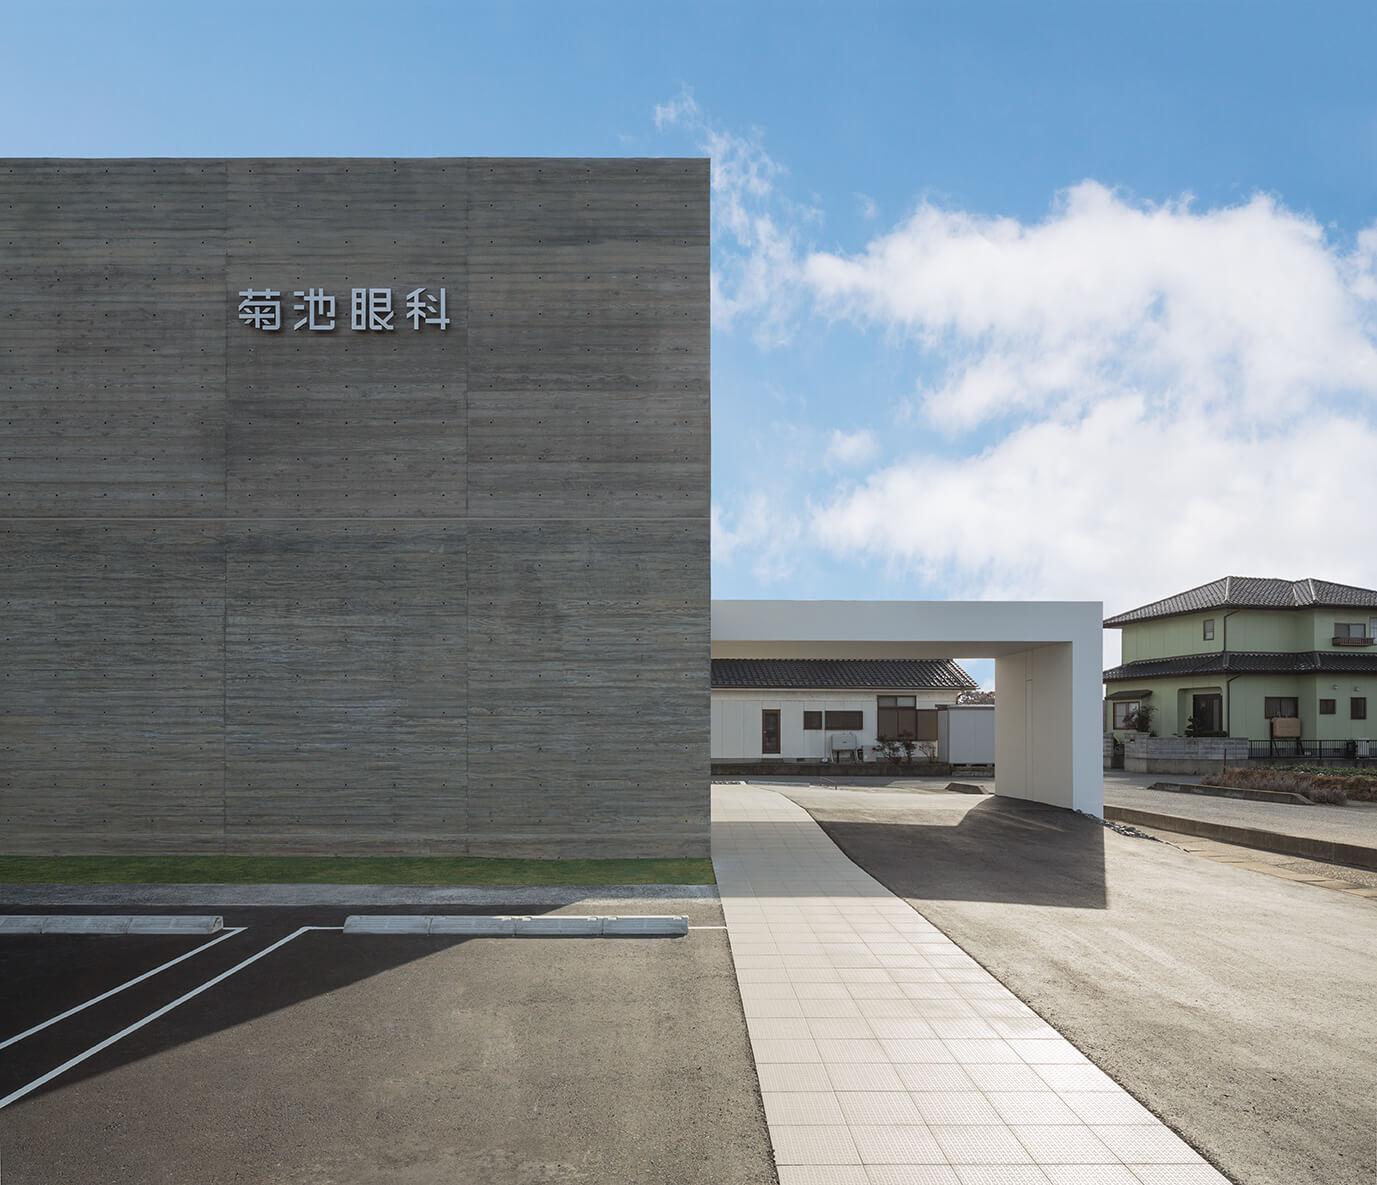 『菊池眼科』-福島県郡山市-建築写真・竣工写真・インテリア写真3